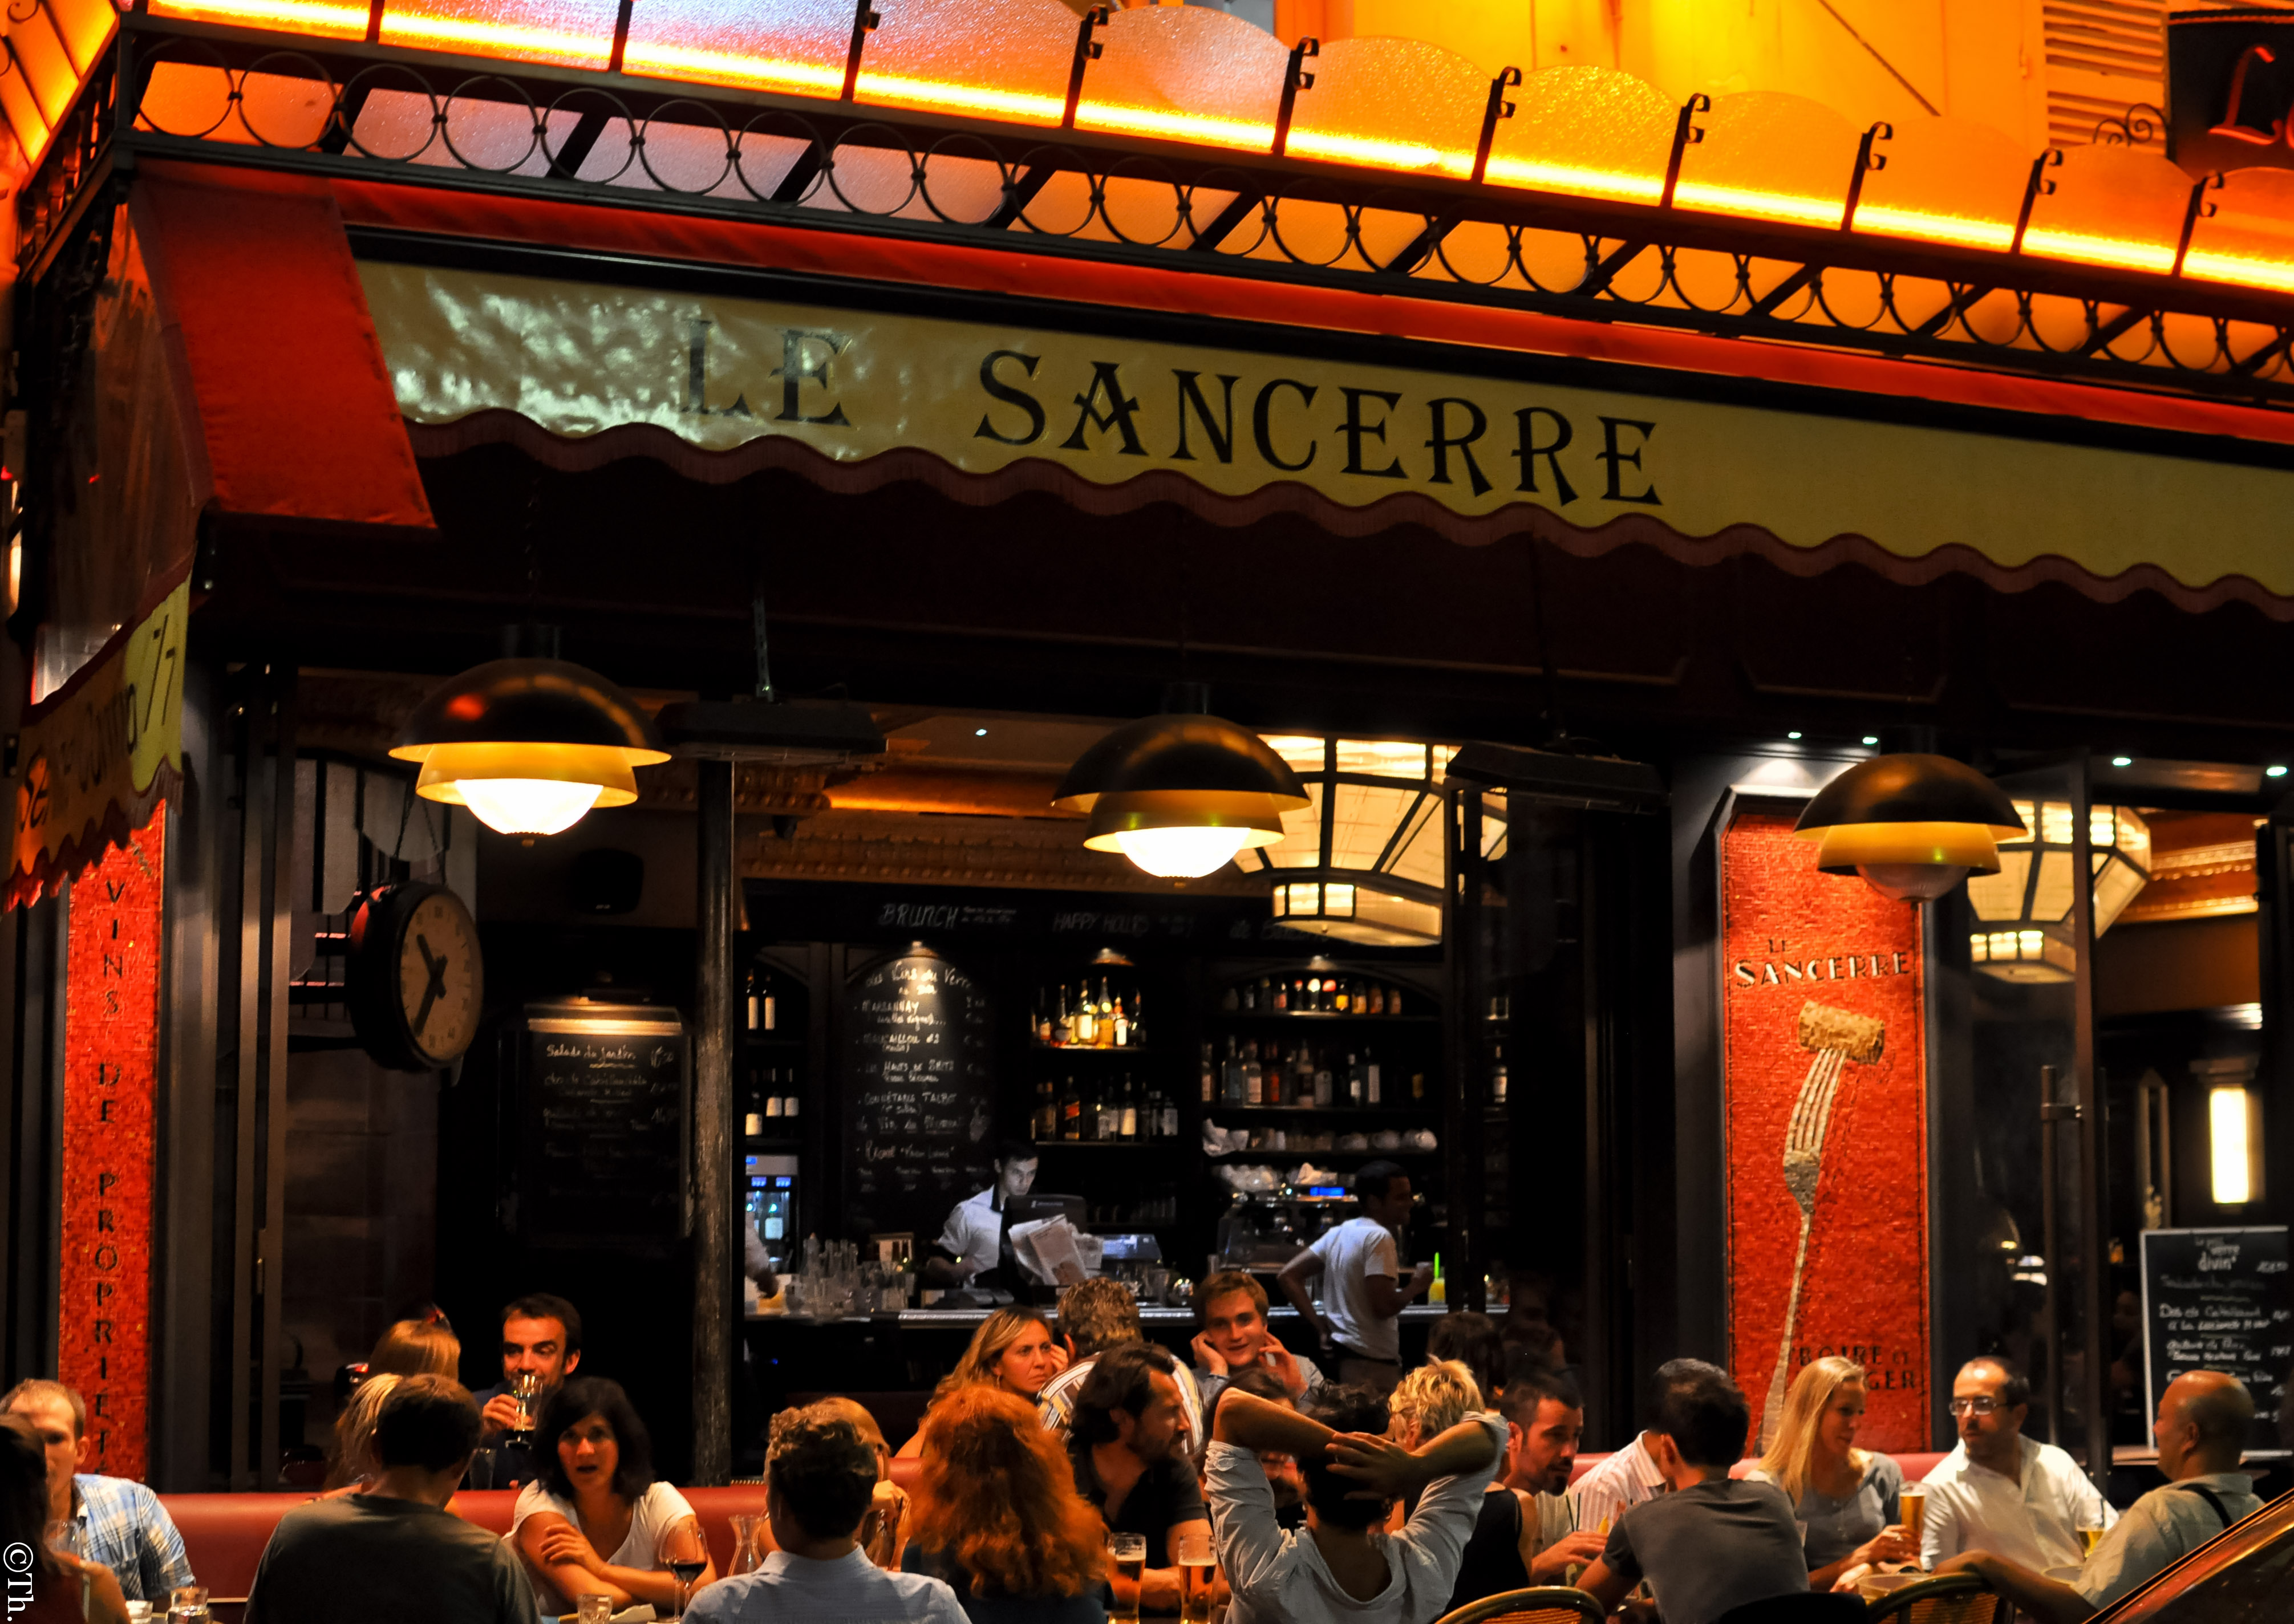 Le Sancerre Wifi gratis en París